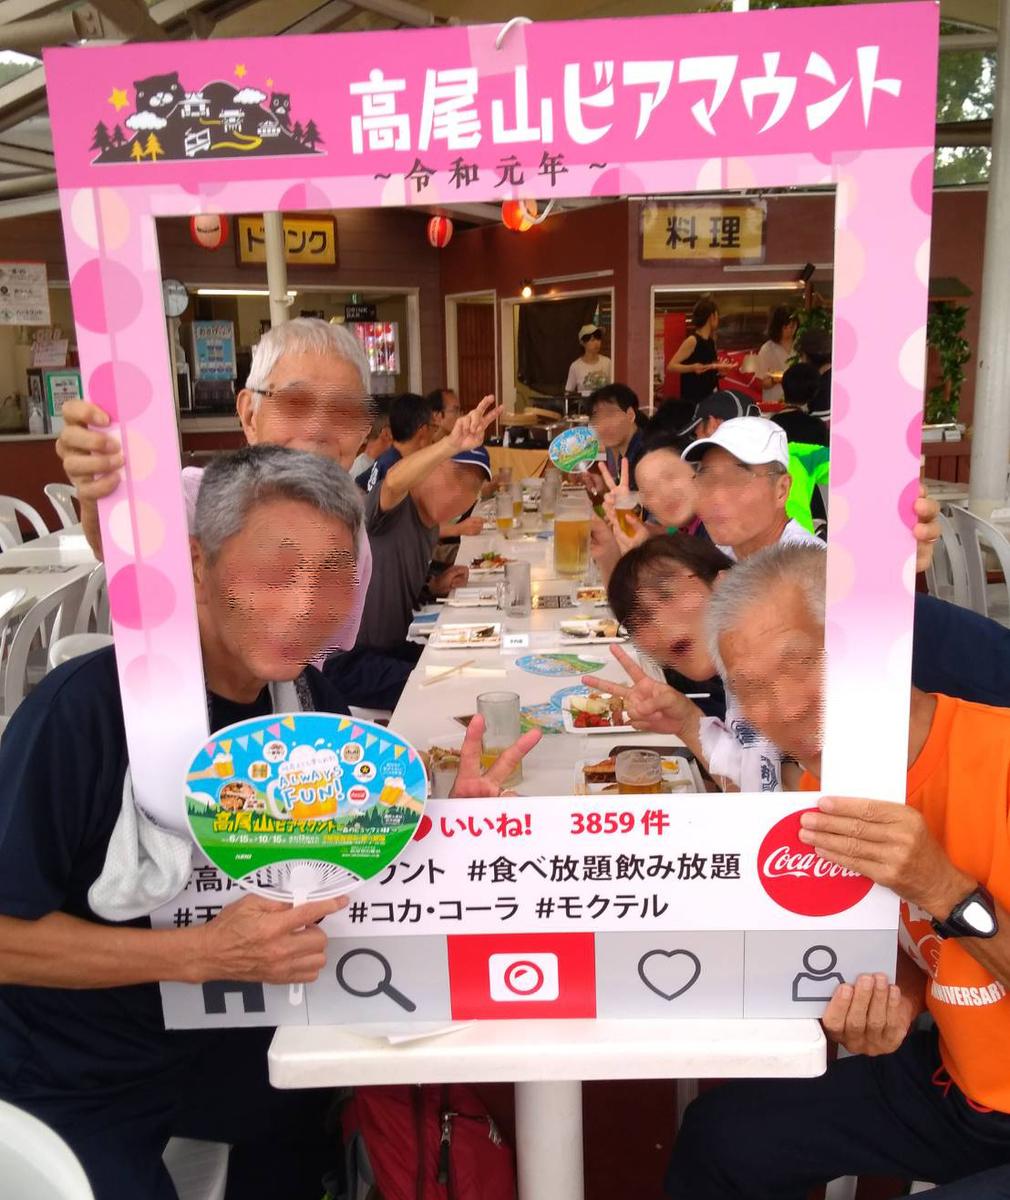 f:id:hachioji-hashiroukai:20190729062047j:plain